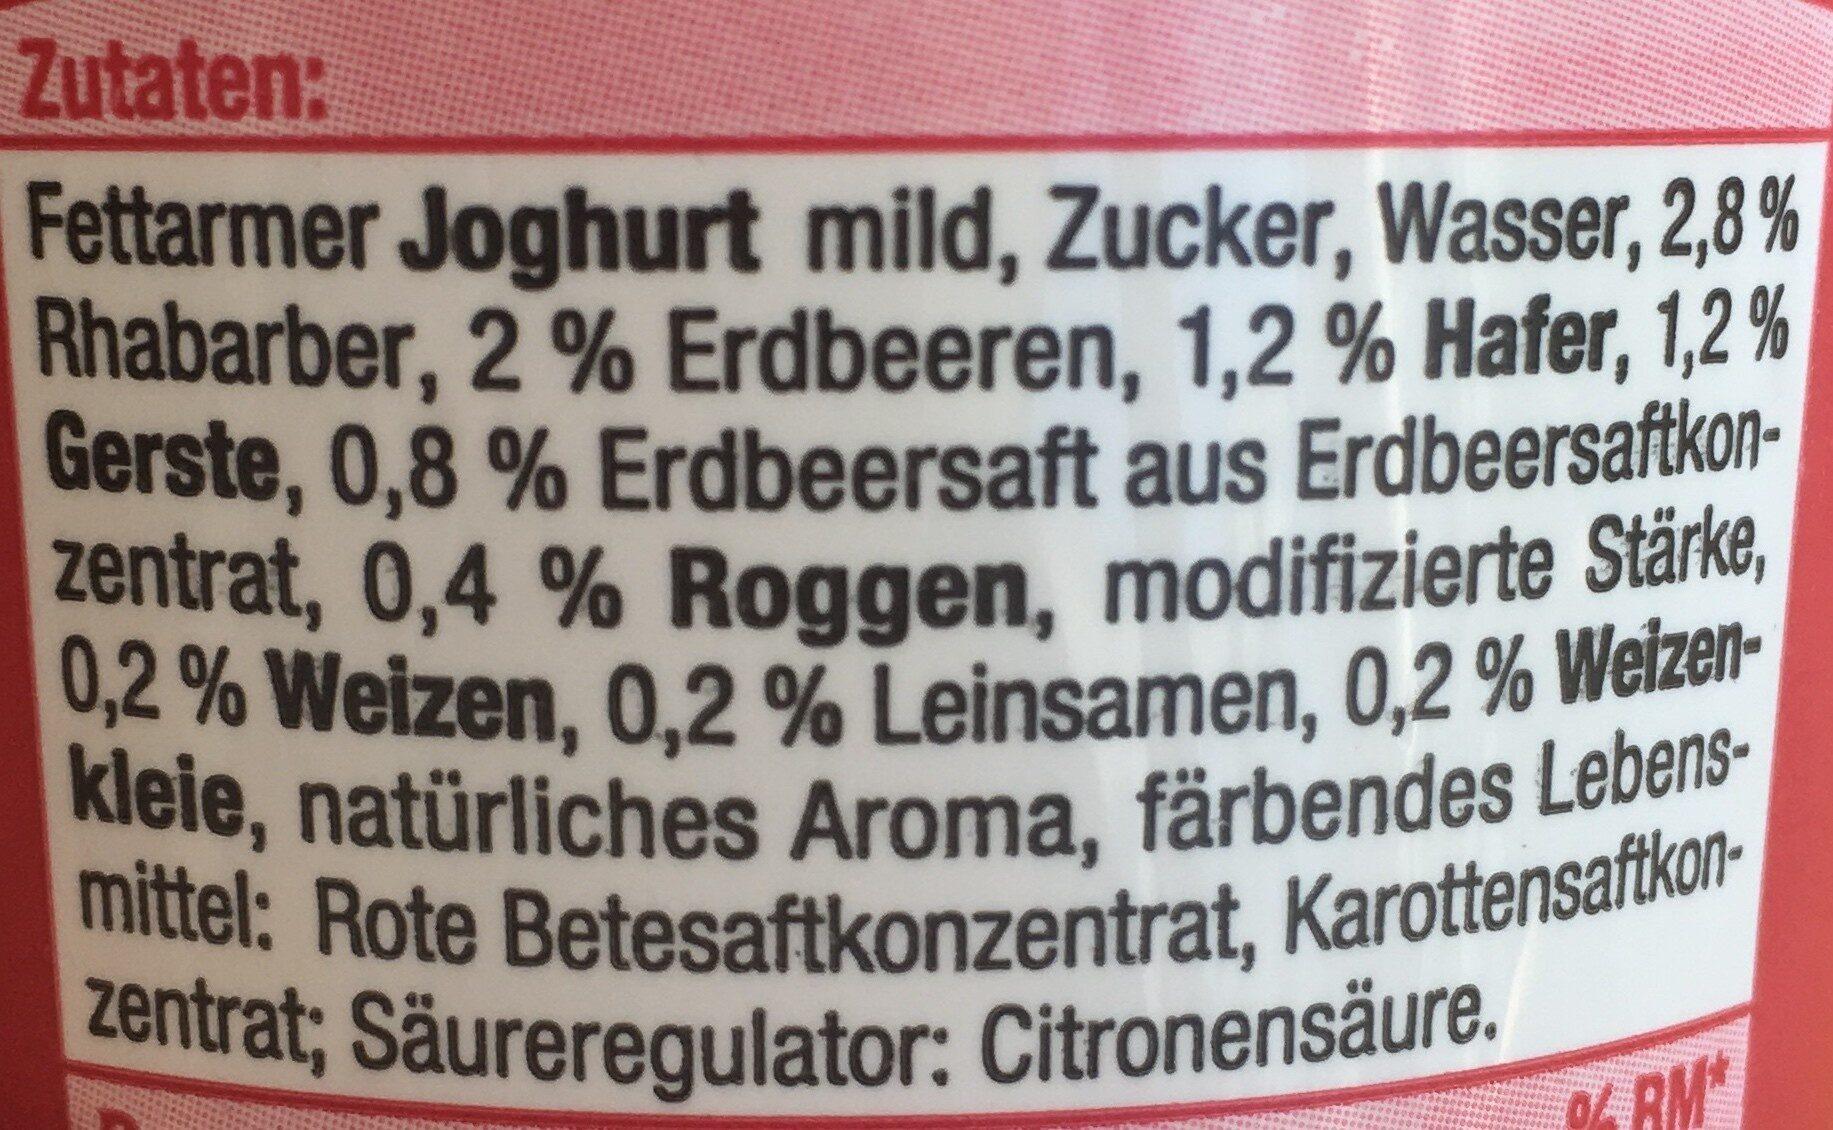 4-Korn Joghurt mild Erdbeer-Rhabarber - Ingredients - de